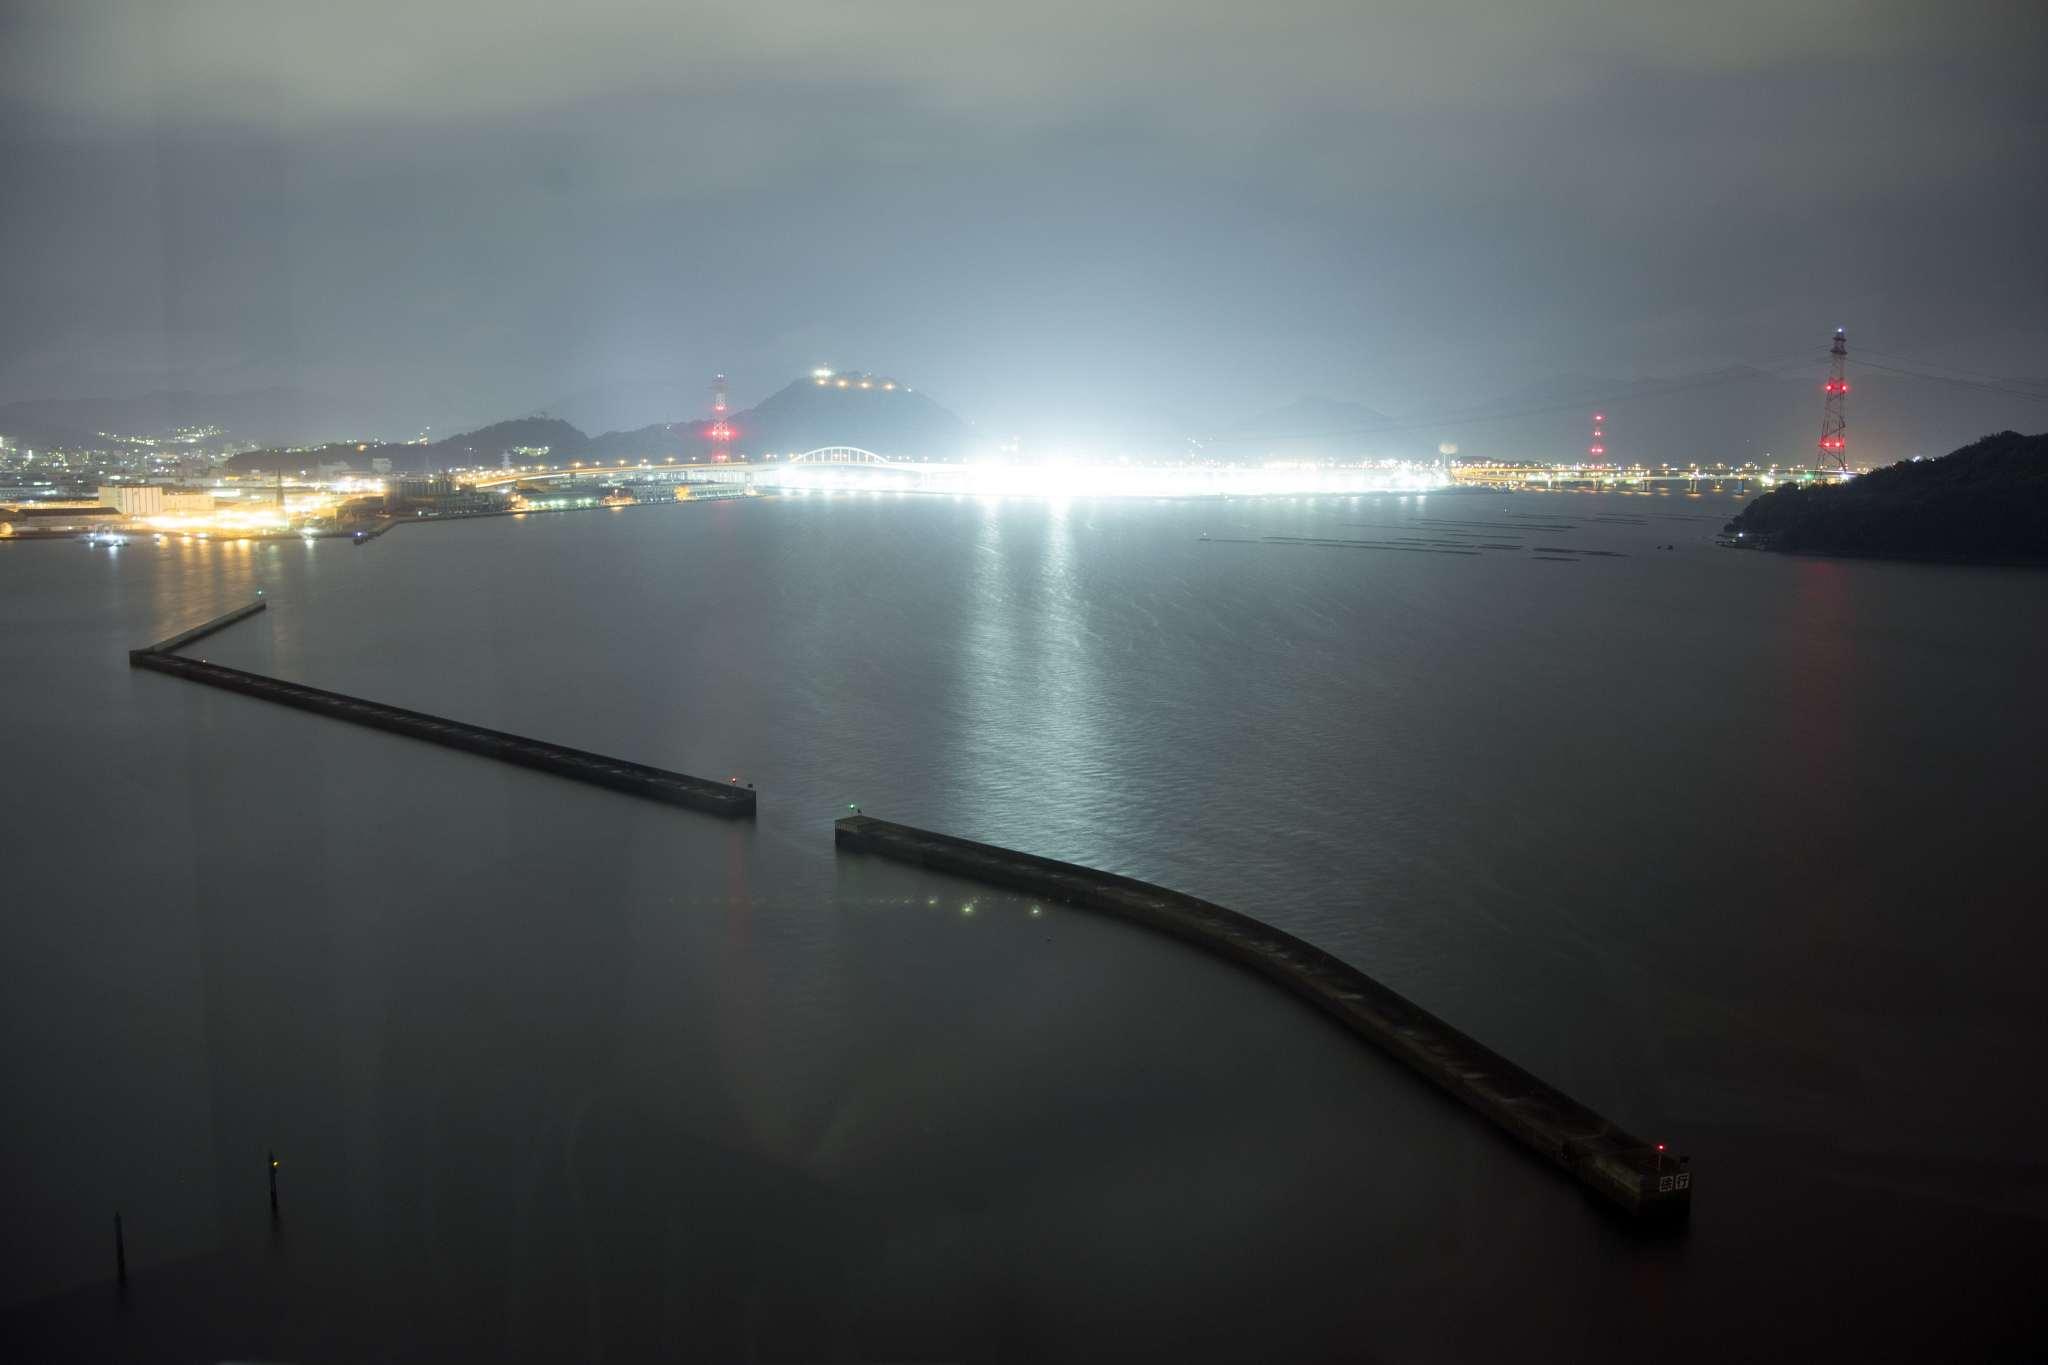 Hiroshima port at night